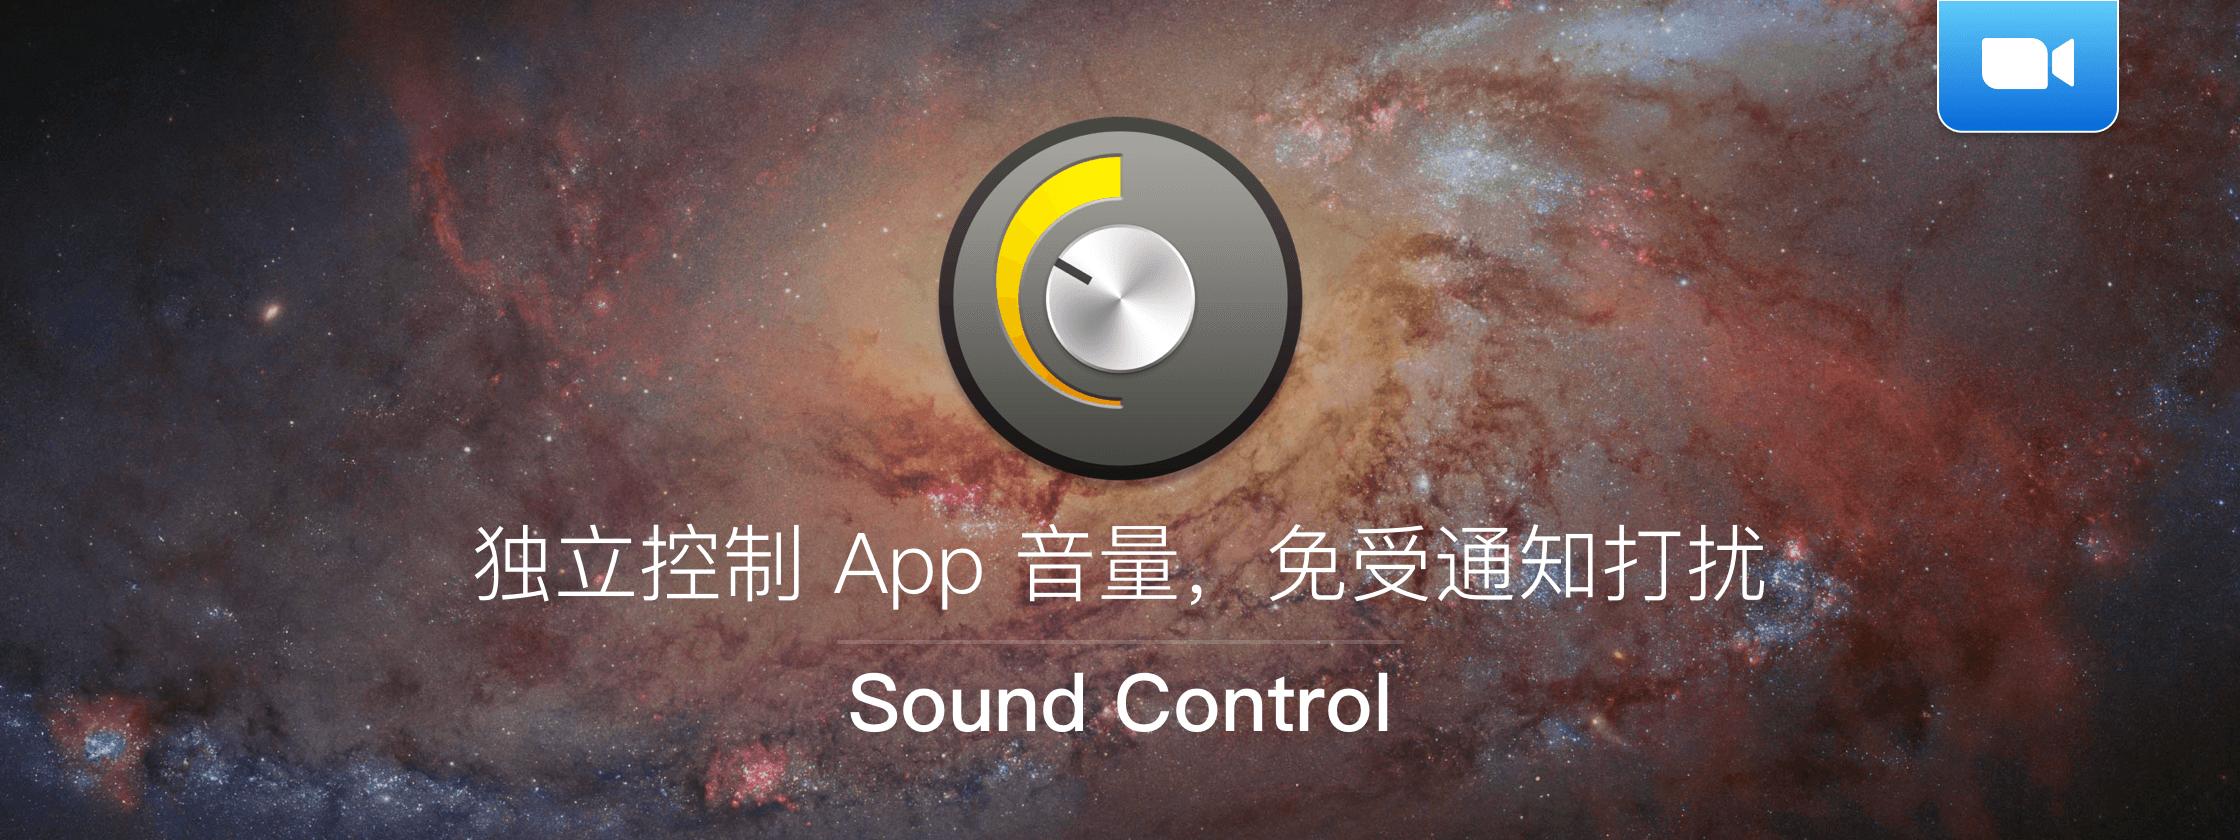 【视频】Sound Control,独立控制 Mac App 音量,帮你免受通知打扰